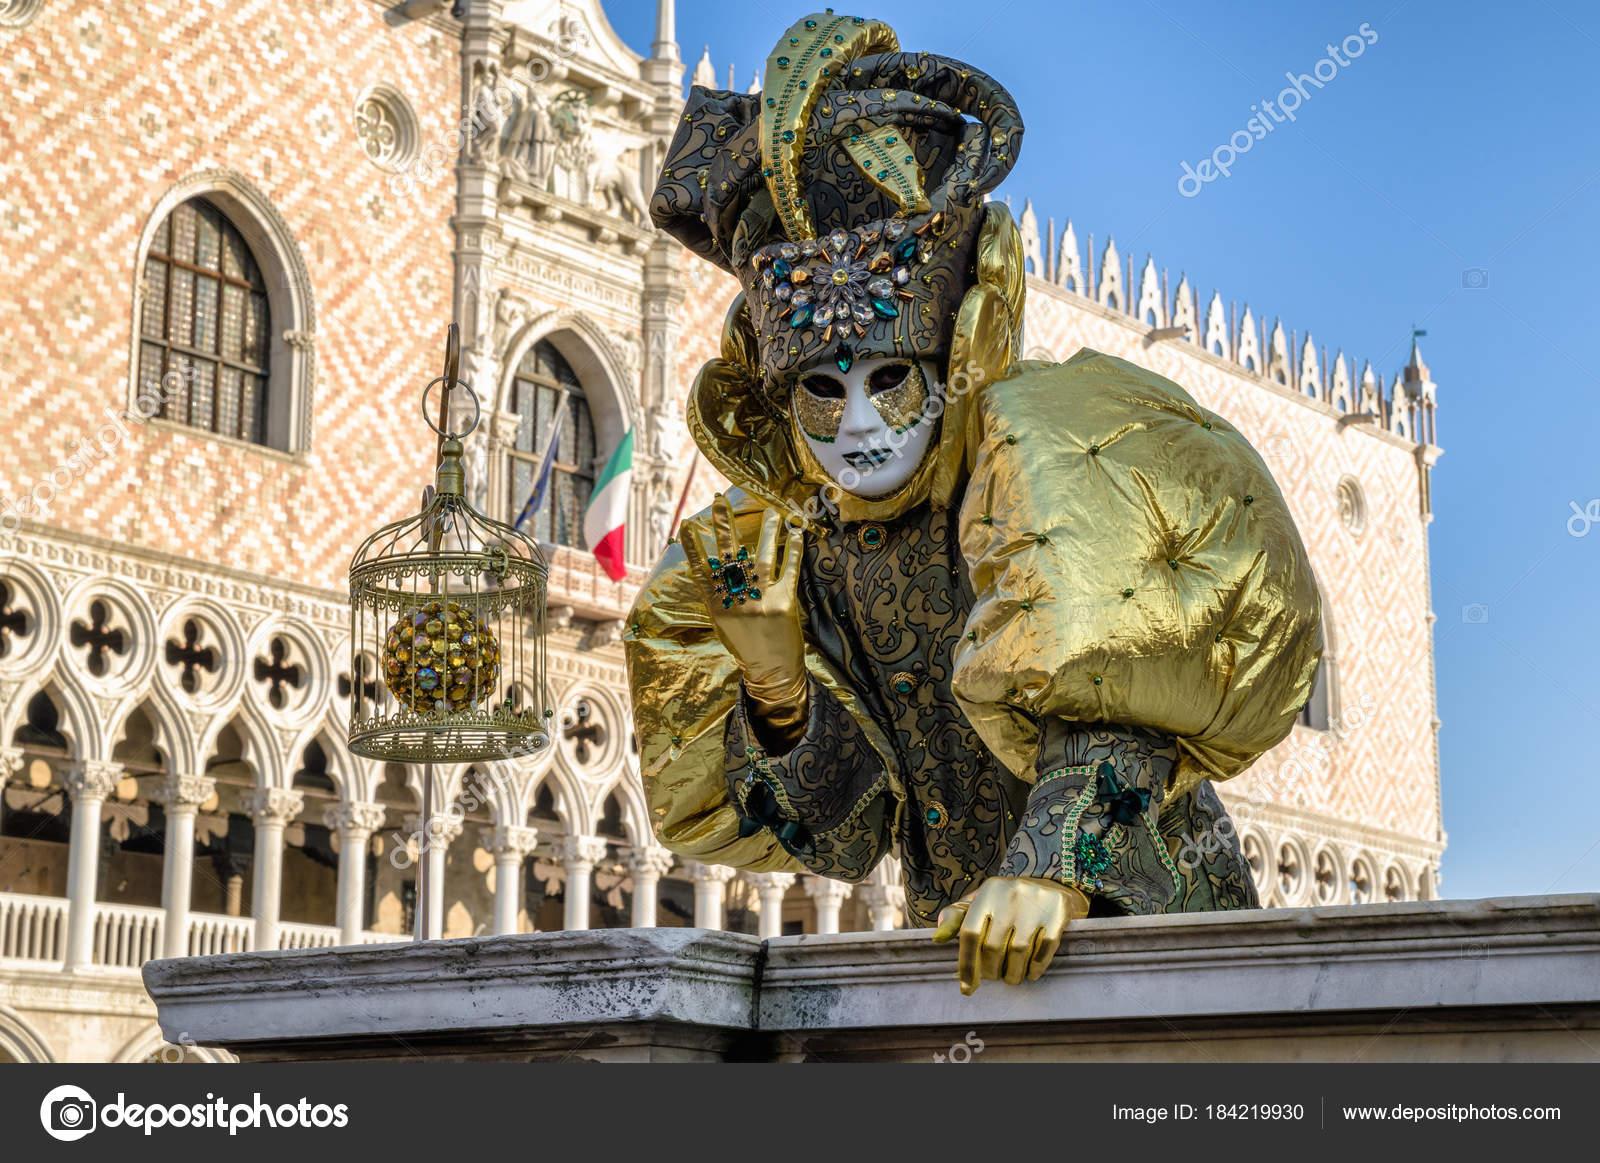 Persona de máscara en el carnaval de Venecia 2018. Palacio Ducal en ...